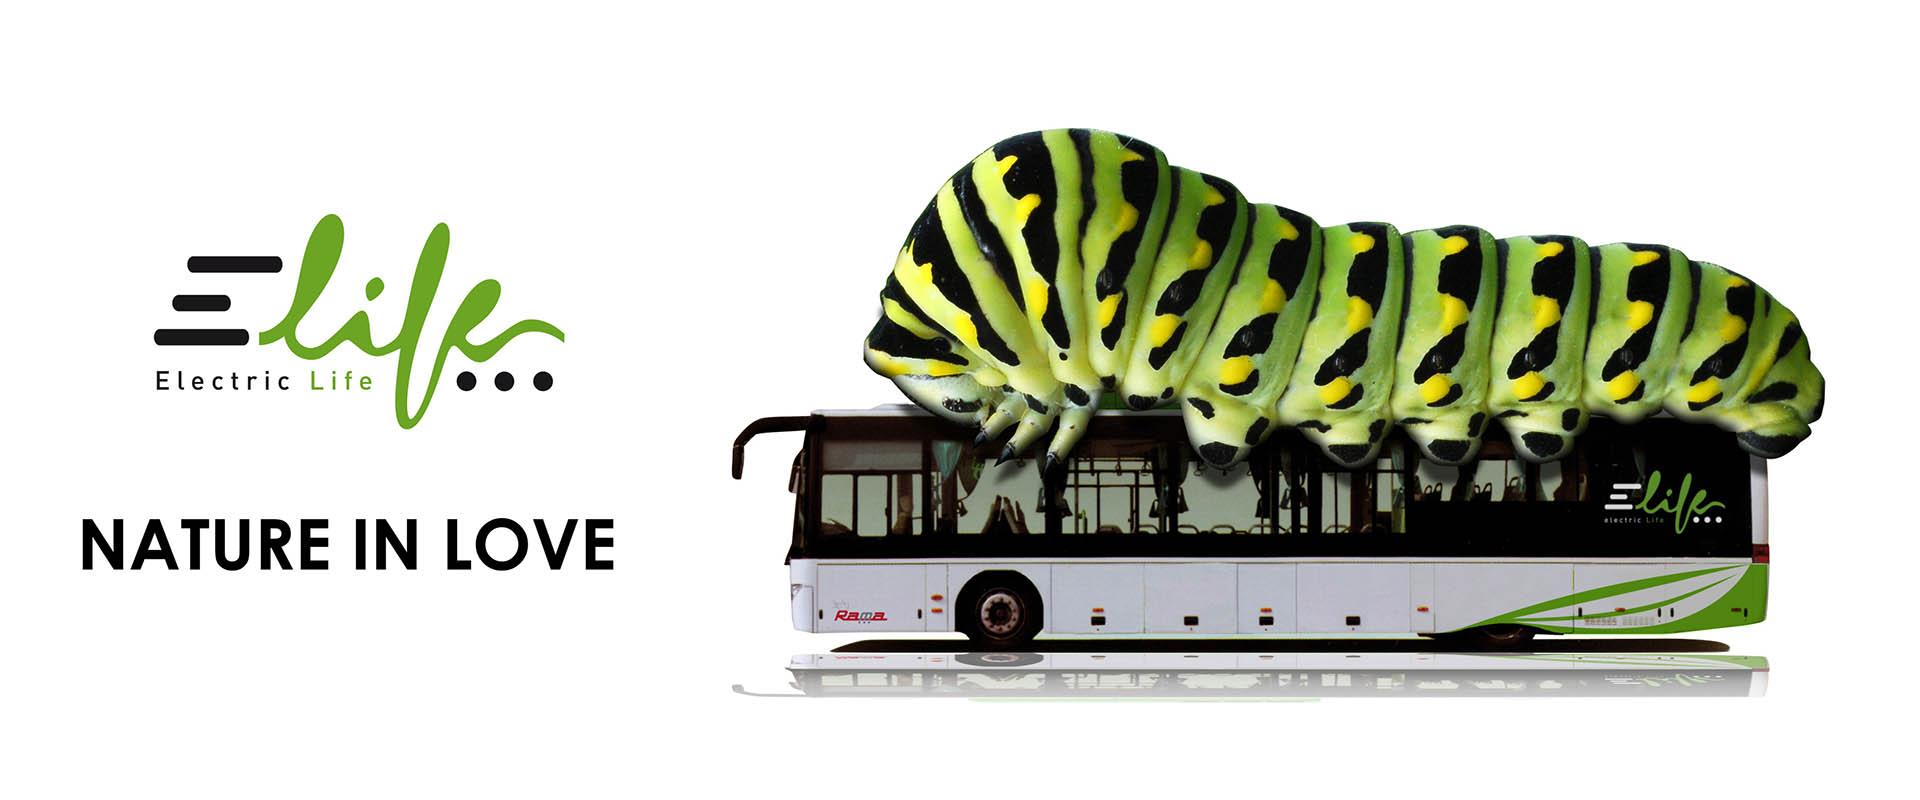 aironic_ugo_capparelli_design_comunicazione_grosseto_elife_autobus